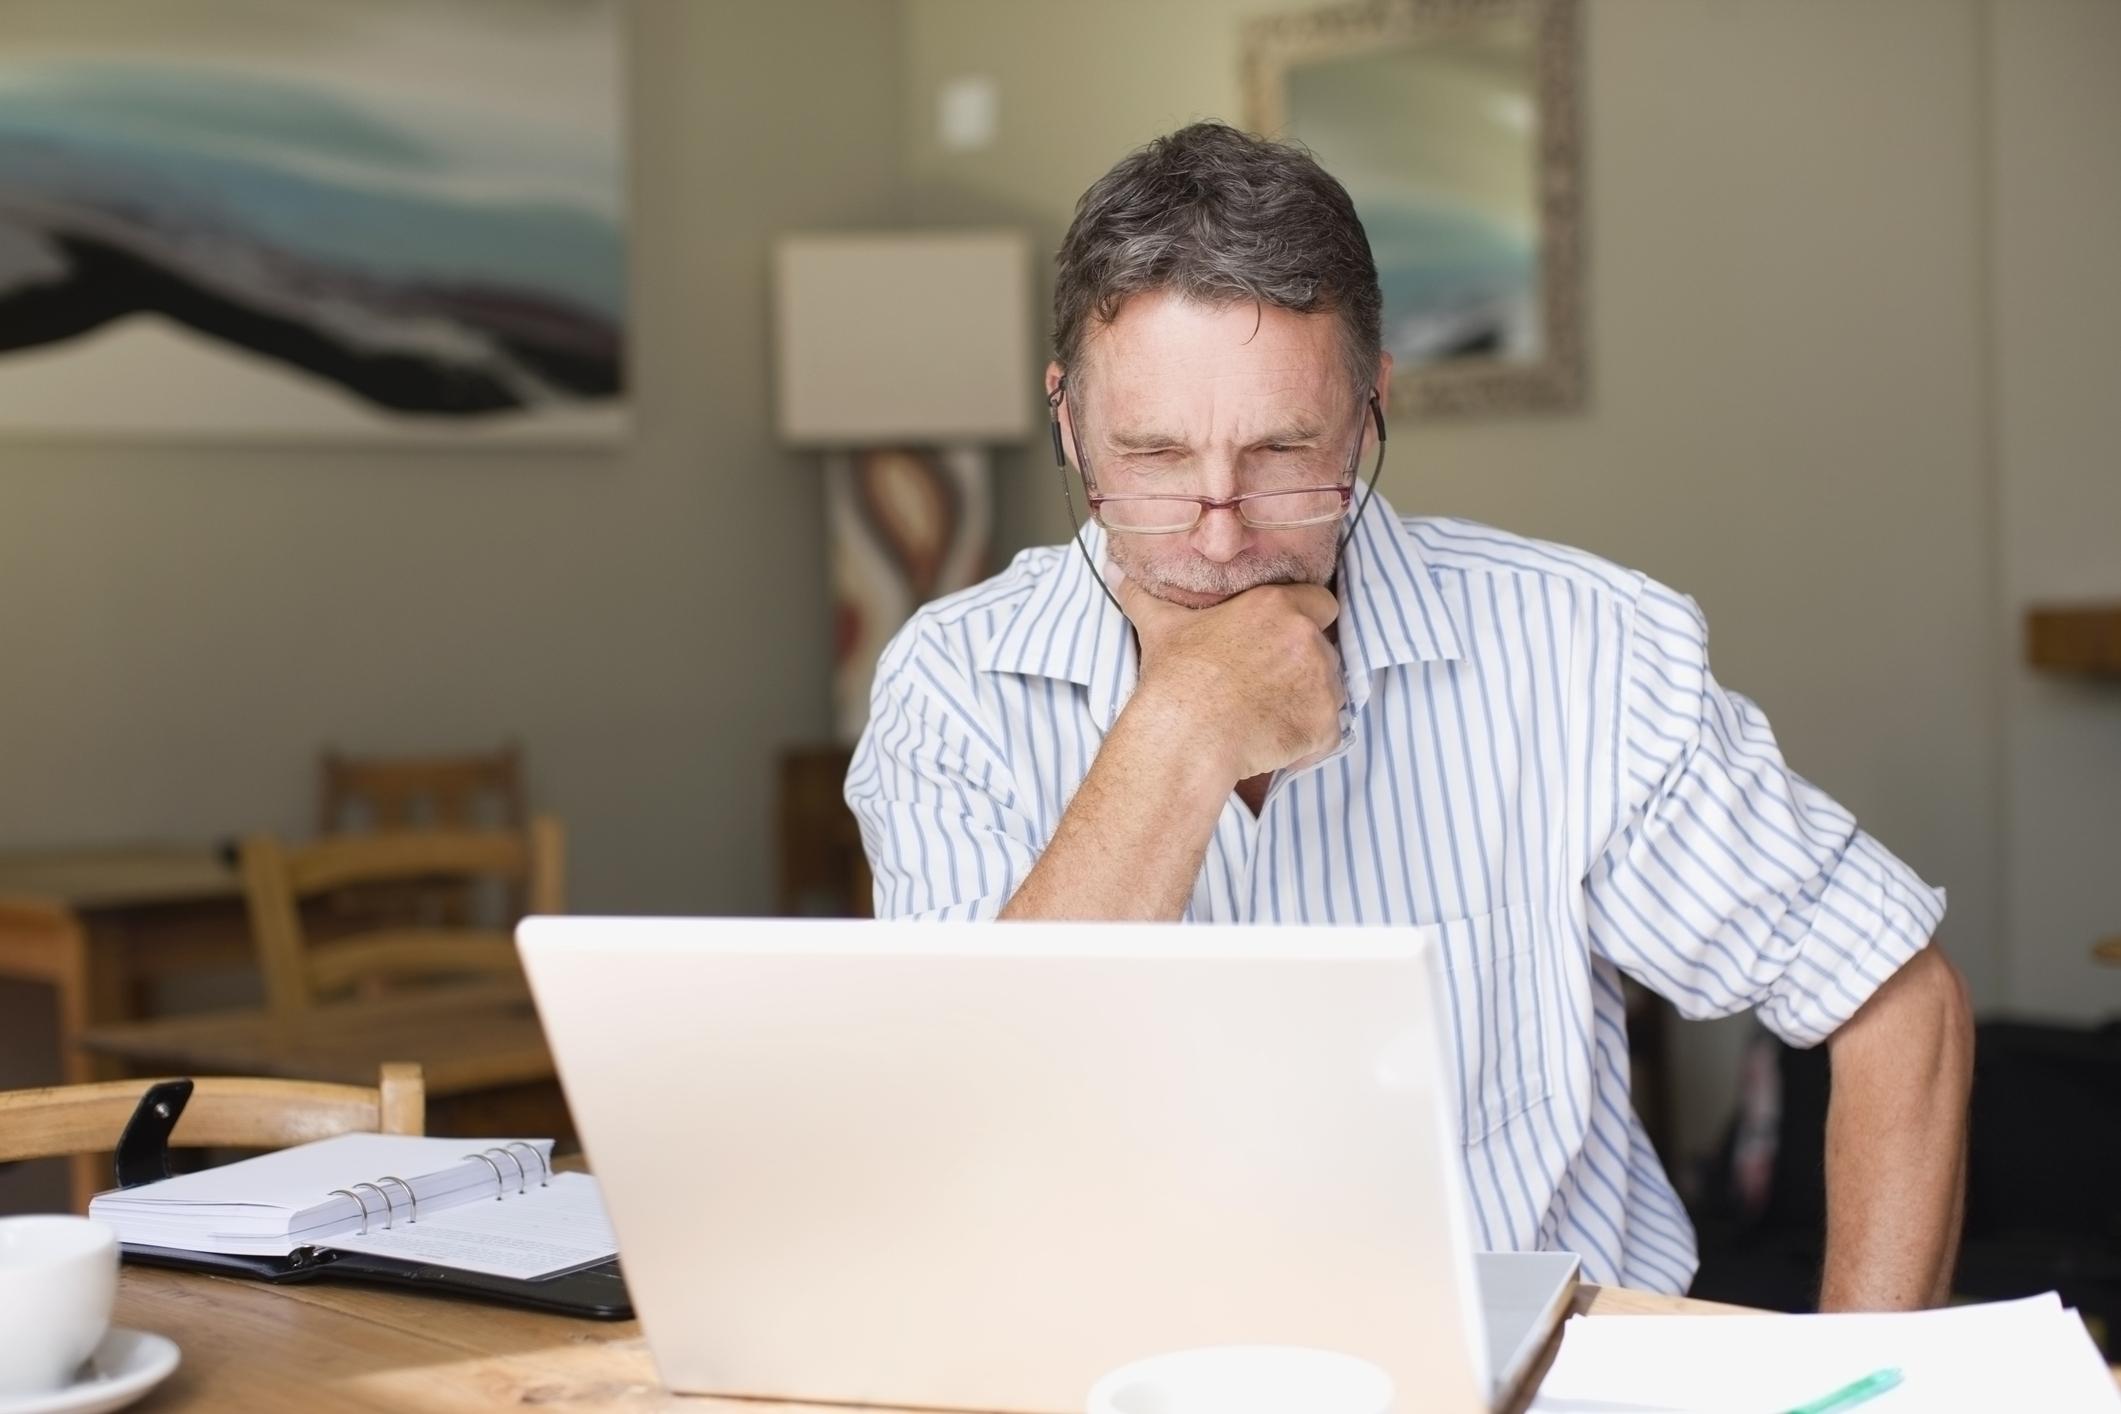 older man looking at computer